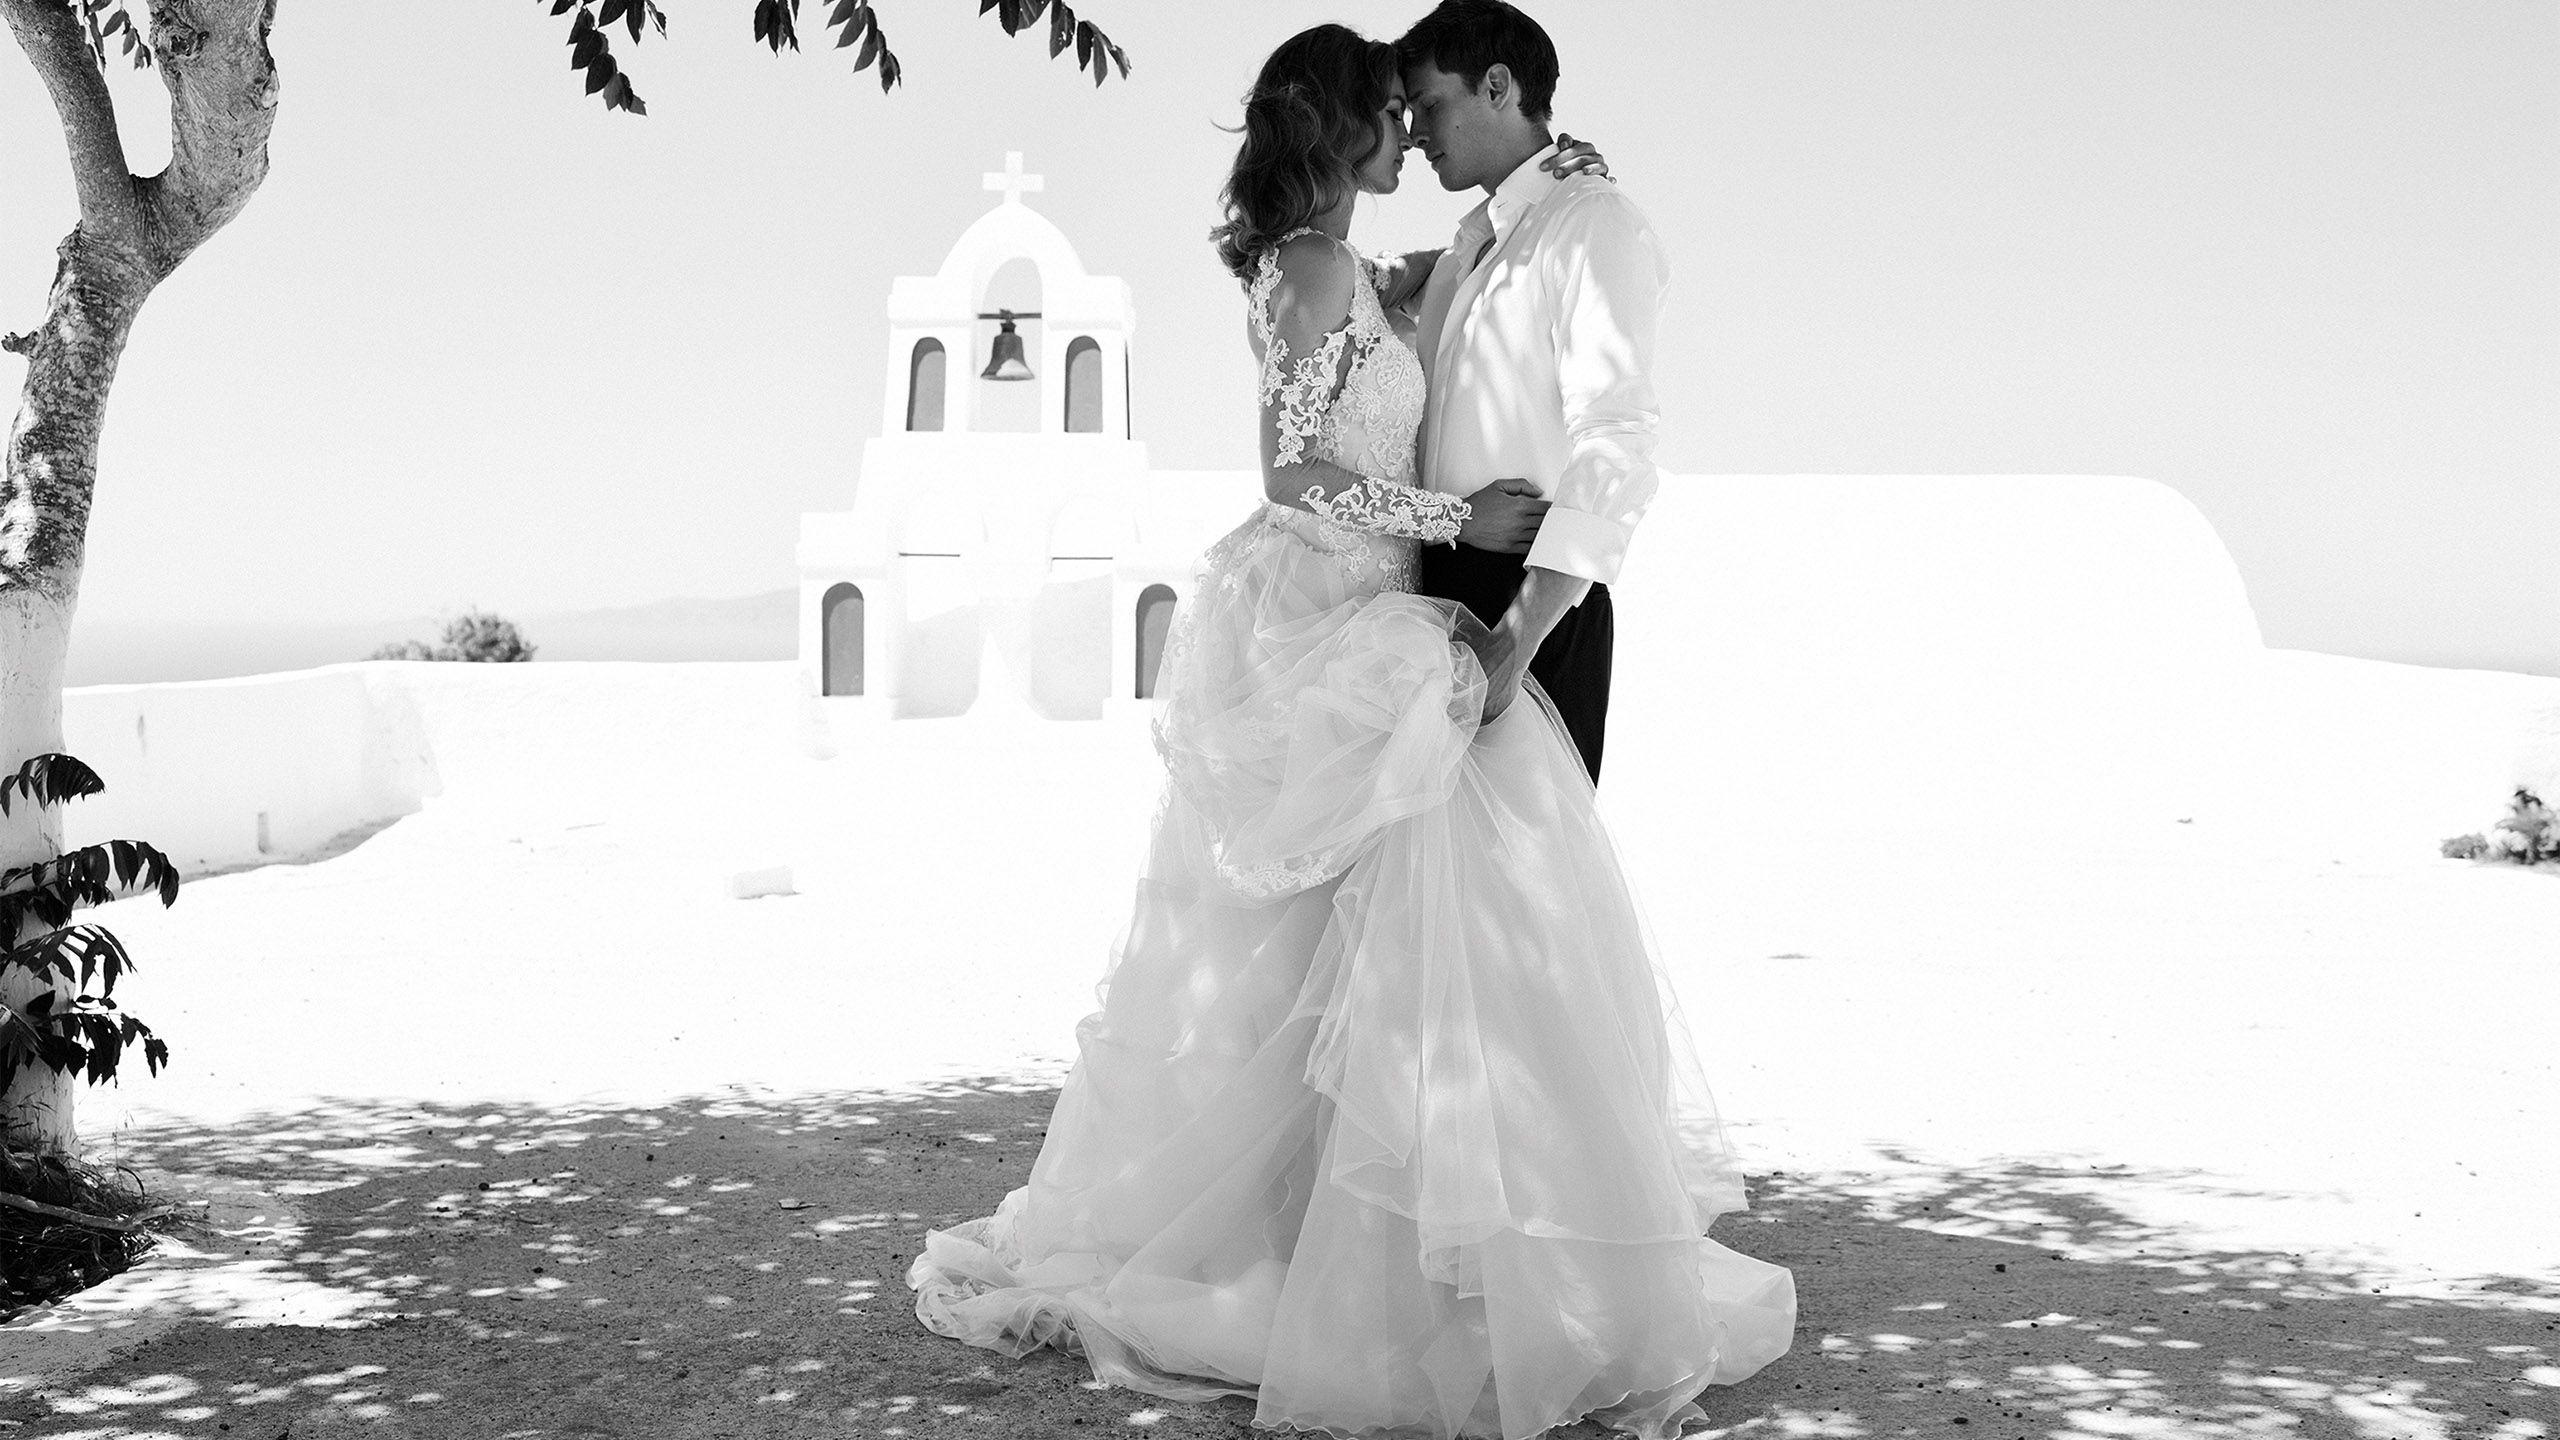 - Stil 8964: Kleid mit cold shoulder, mit Perlen besetzter Spitzenausschnitt, durchsichtige Spitzenärmel und abnehmbare Schleppe